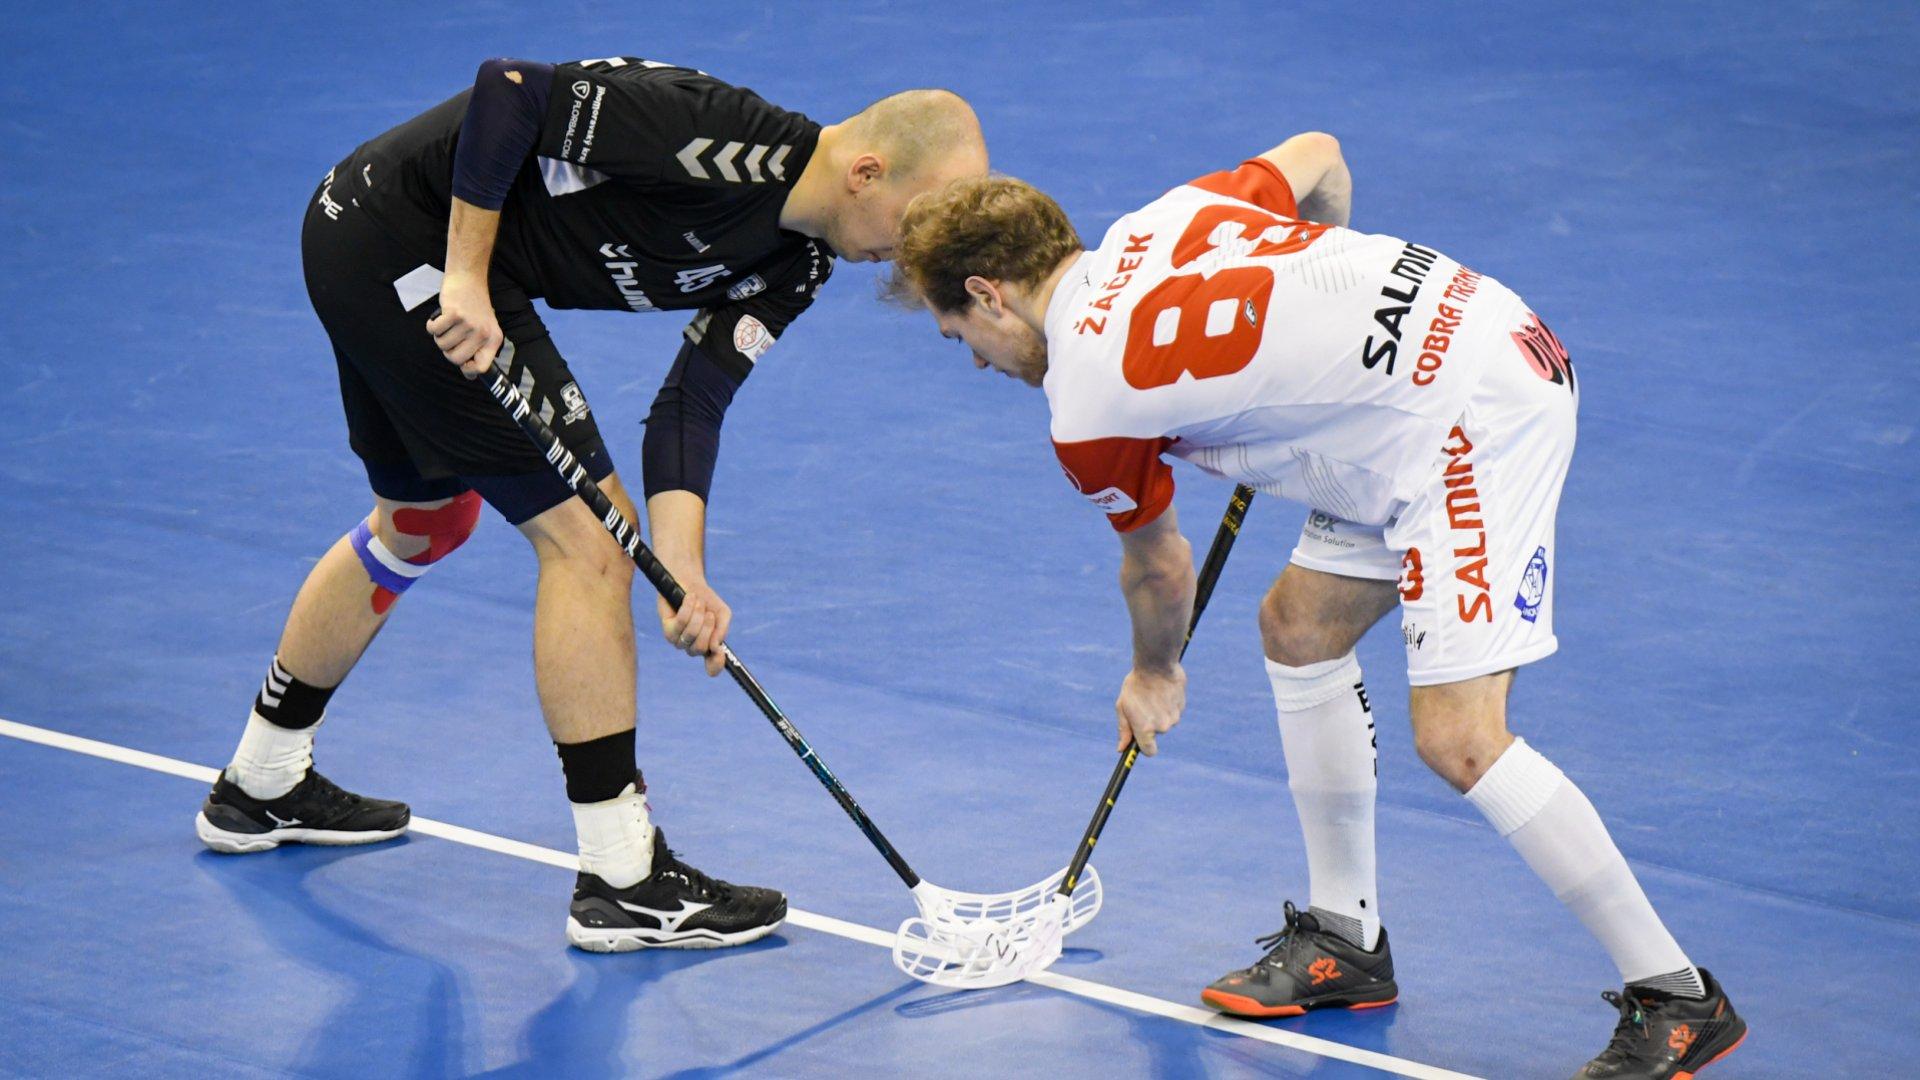 Další výhra! Hattrick ovládl televizní zápas s Pardubicemi